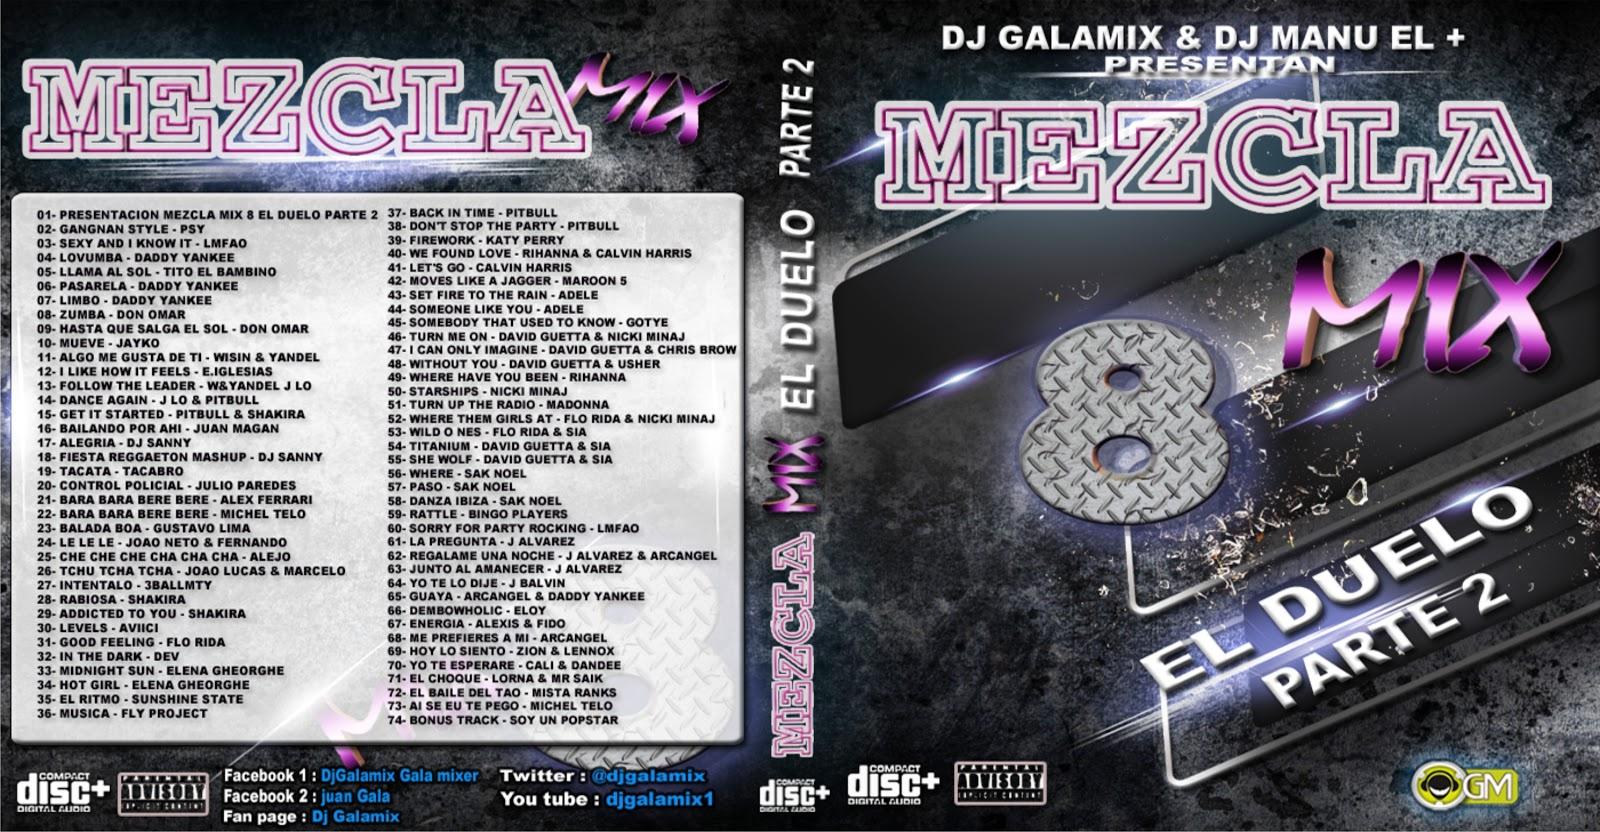 Gala mixer bases